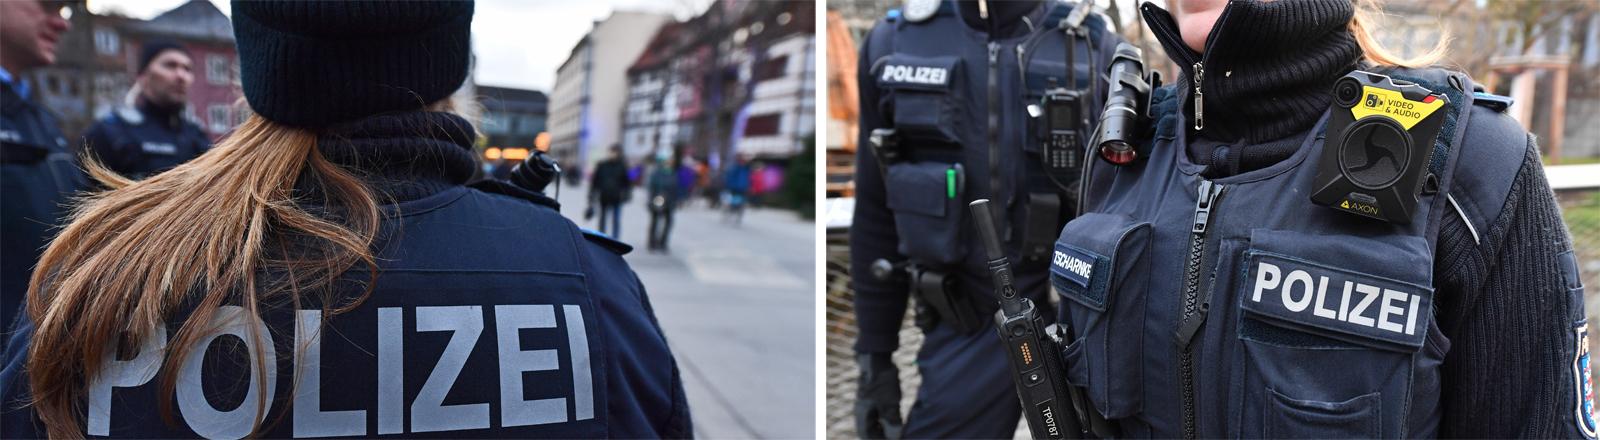 Einsatz von Bodycams bei der Polizei im Dezember 2018 in Thüringen